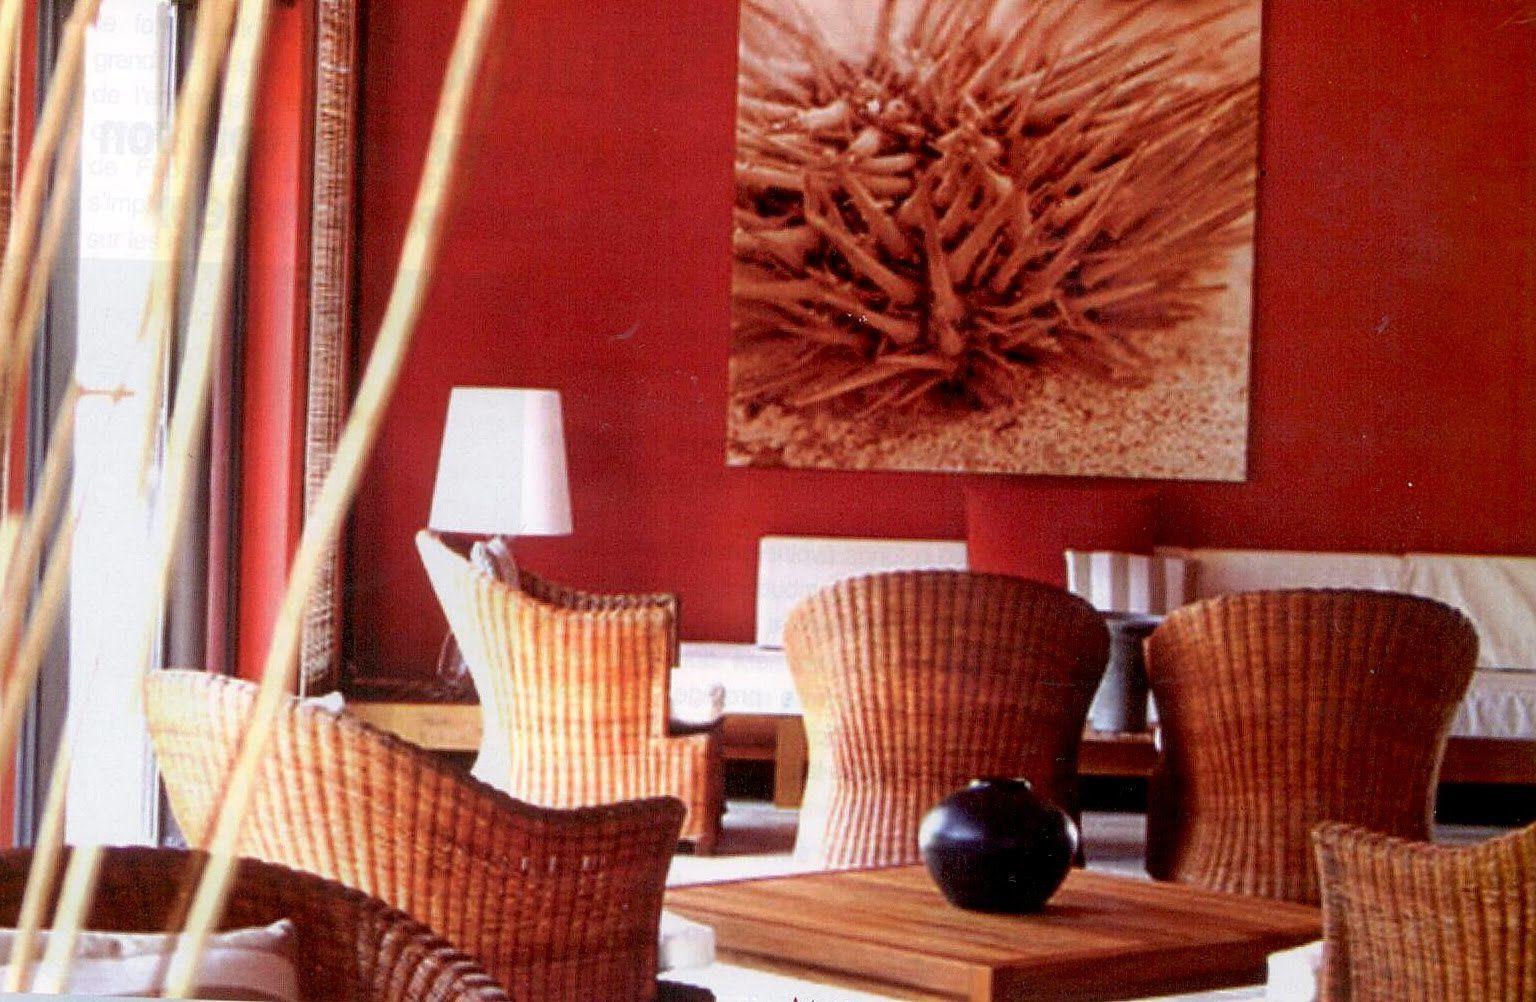 Decoration de la maison interieur d coration de la maison for Article de decoration interieur